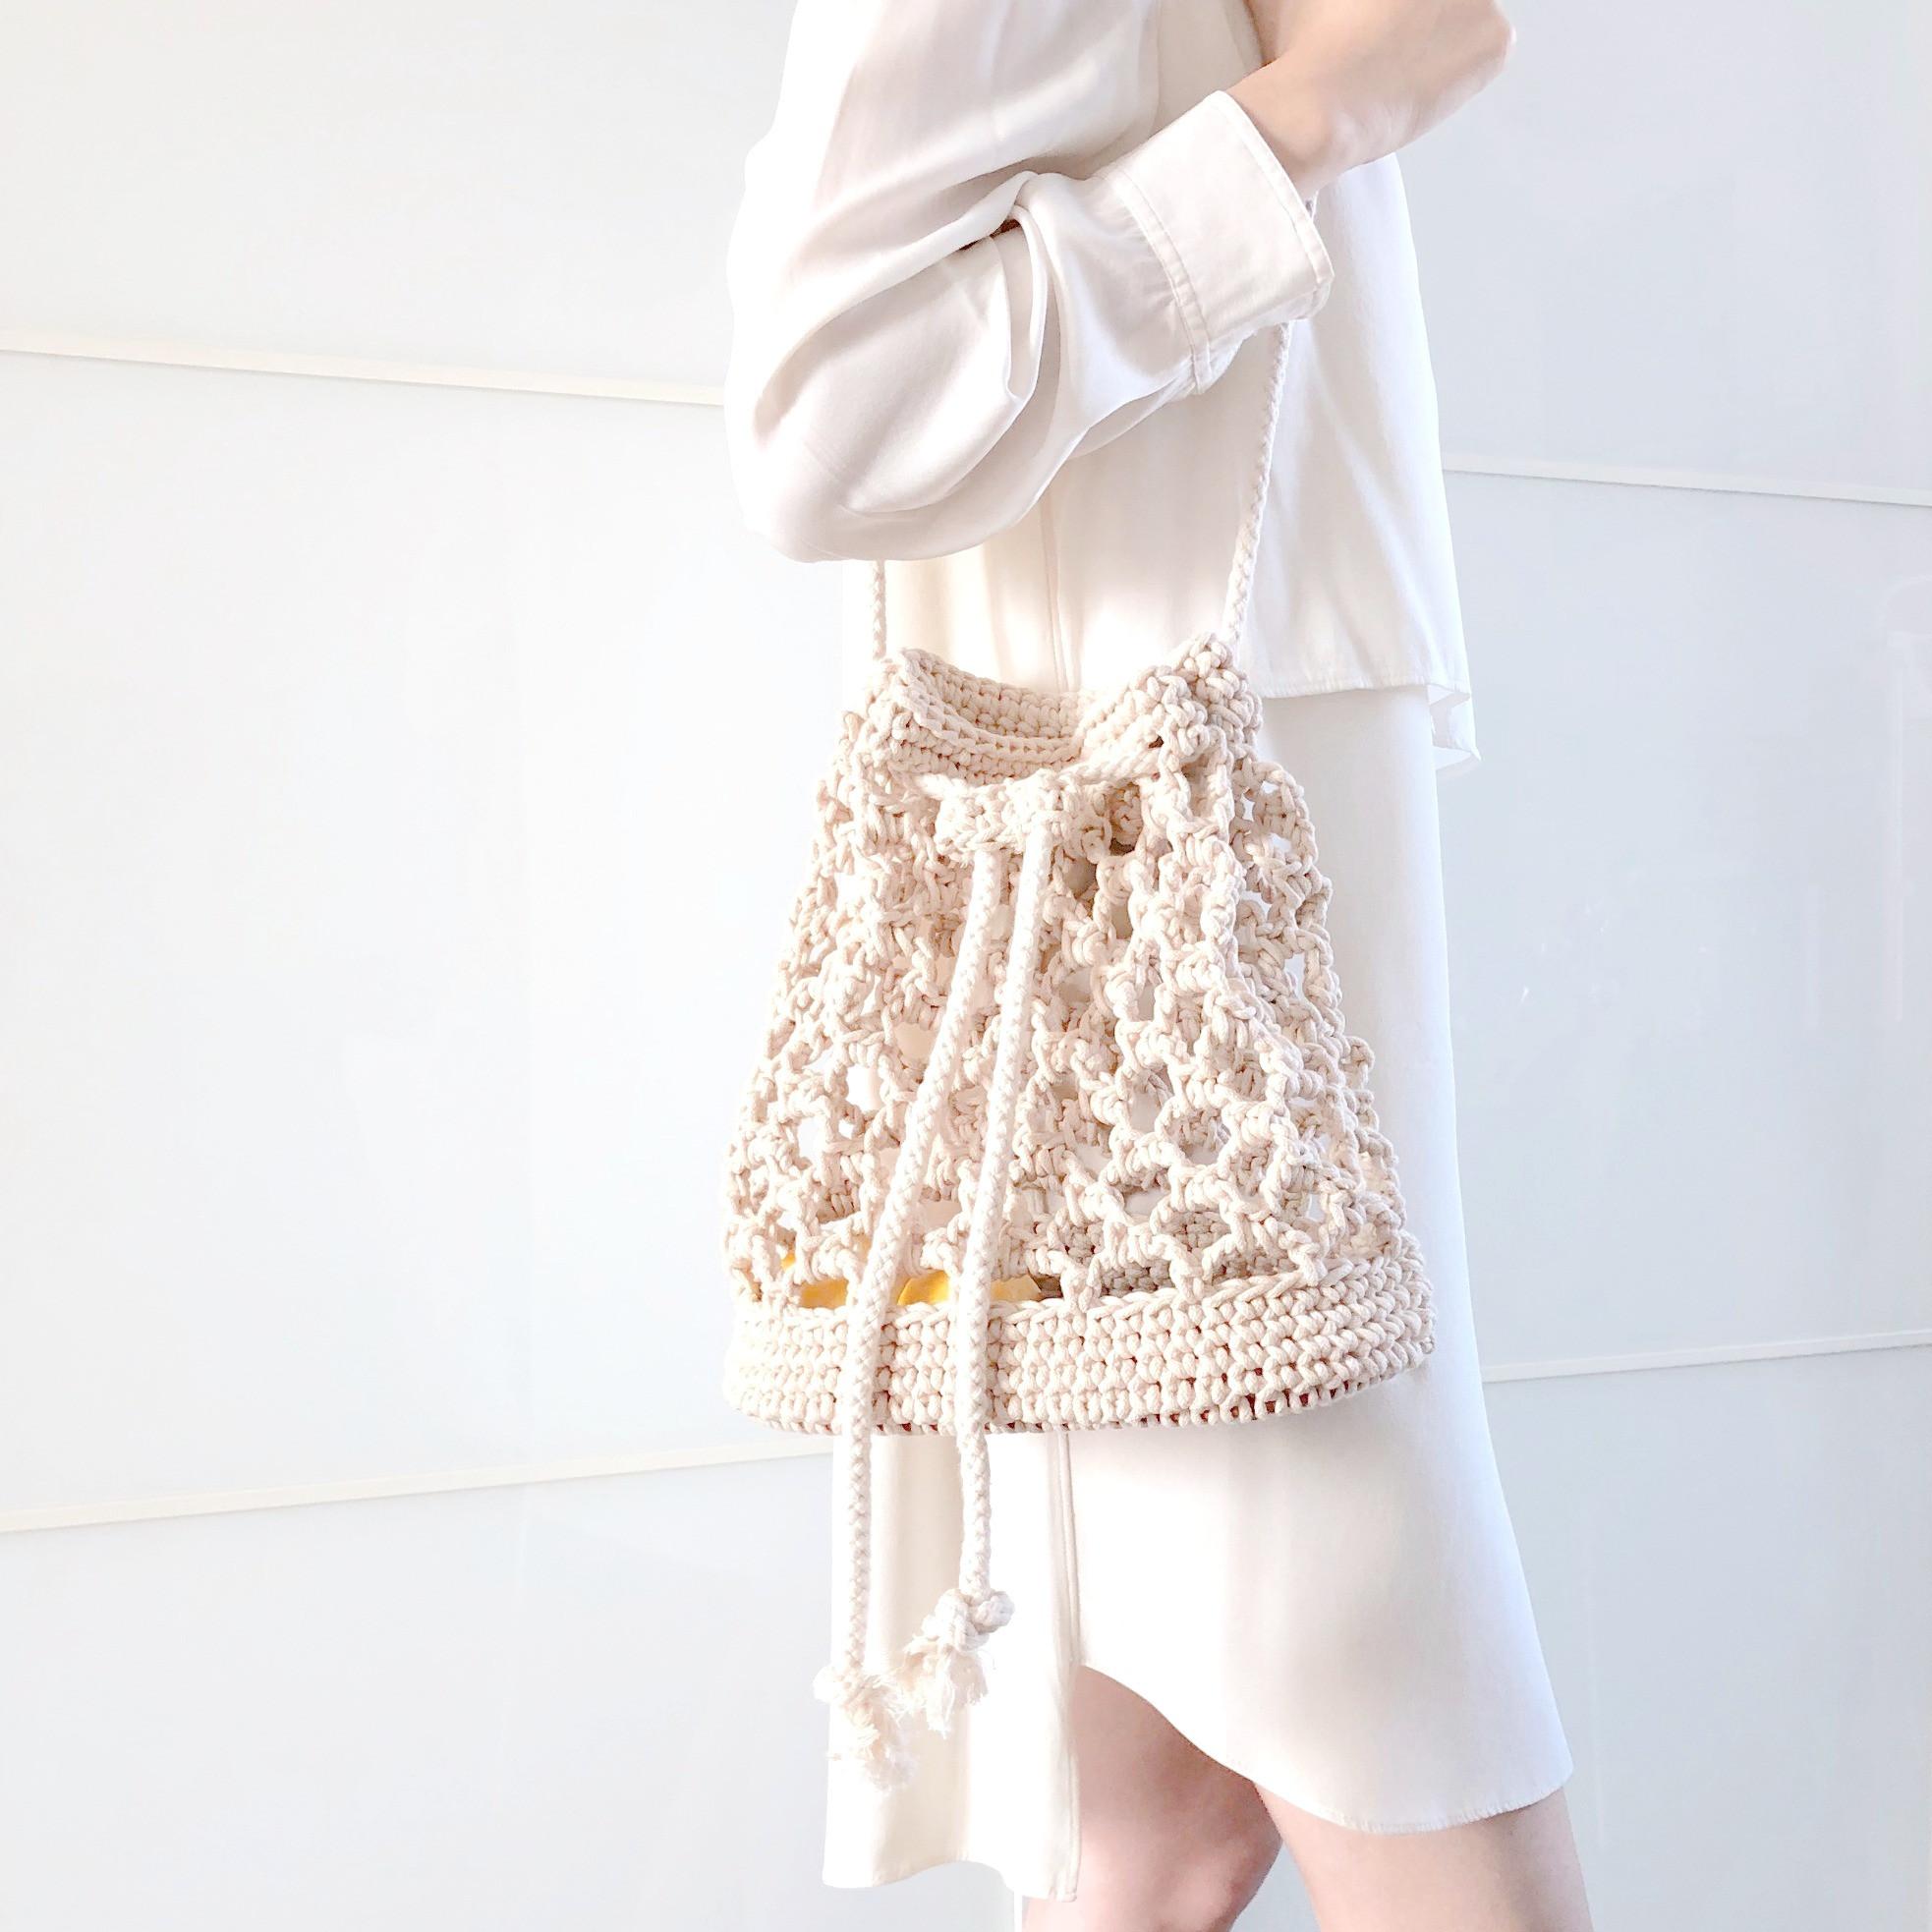 Beginner-Crochet Net Bag